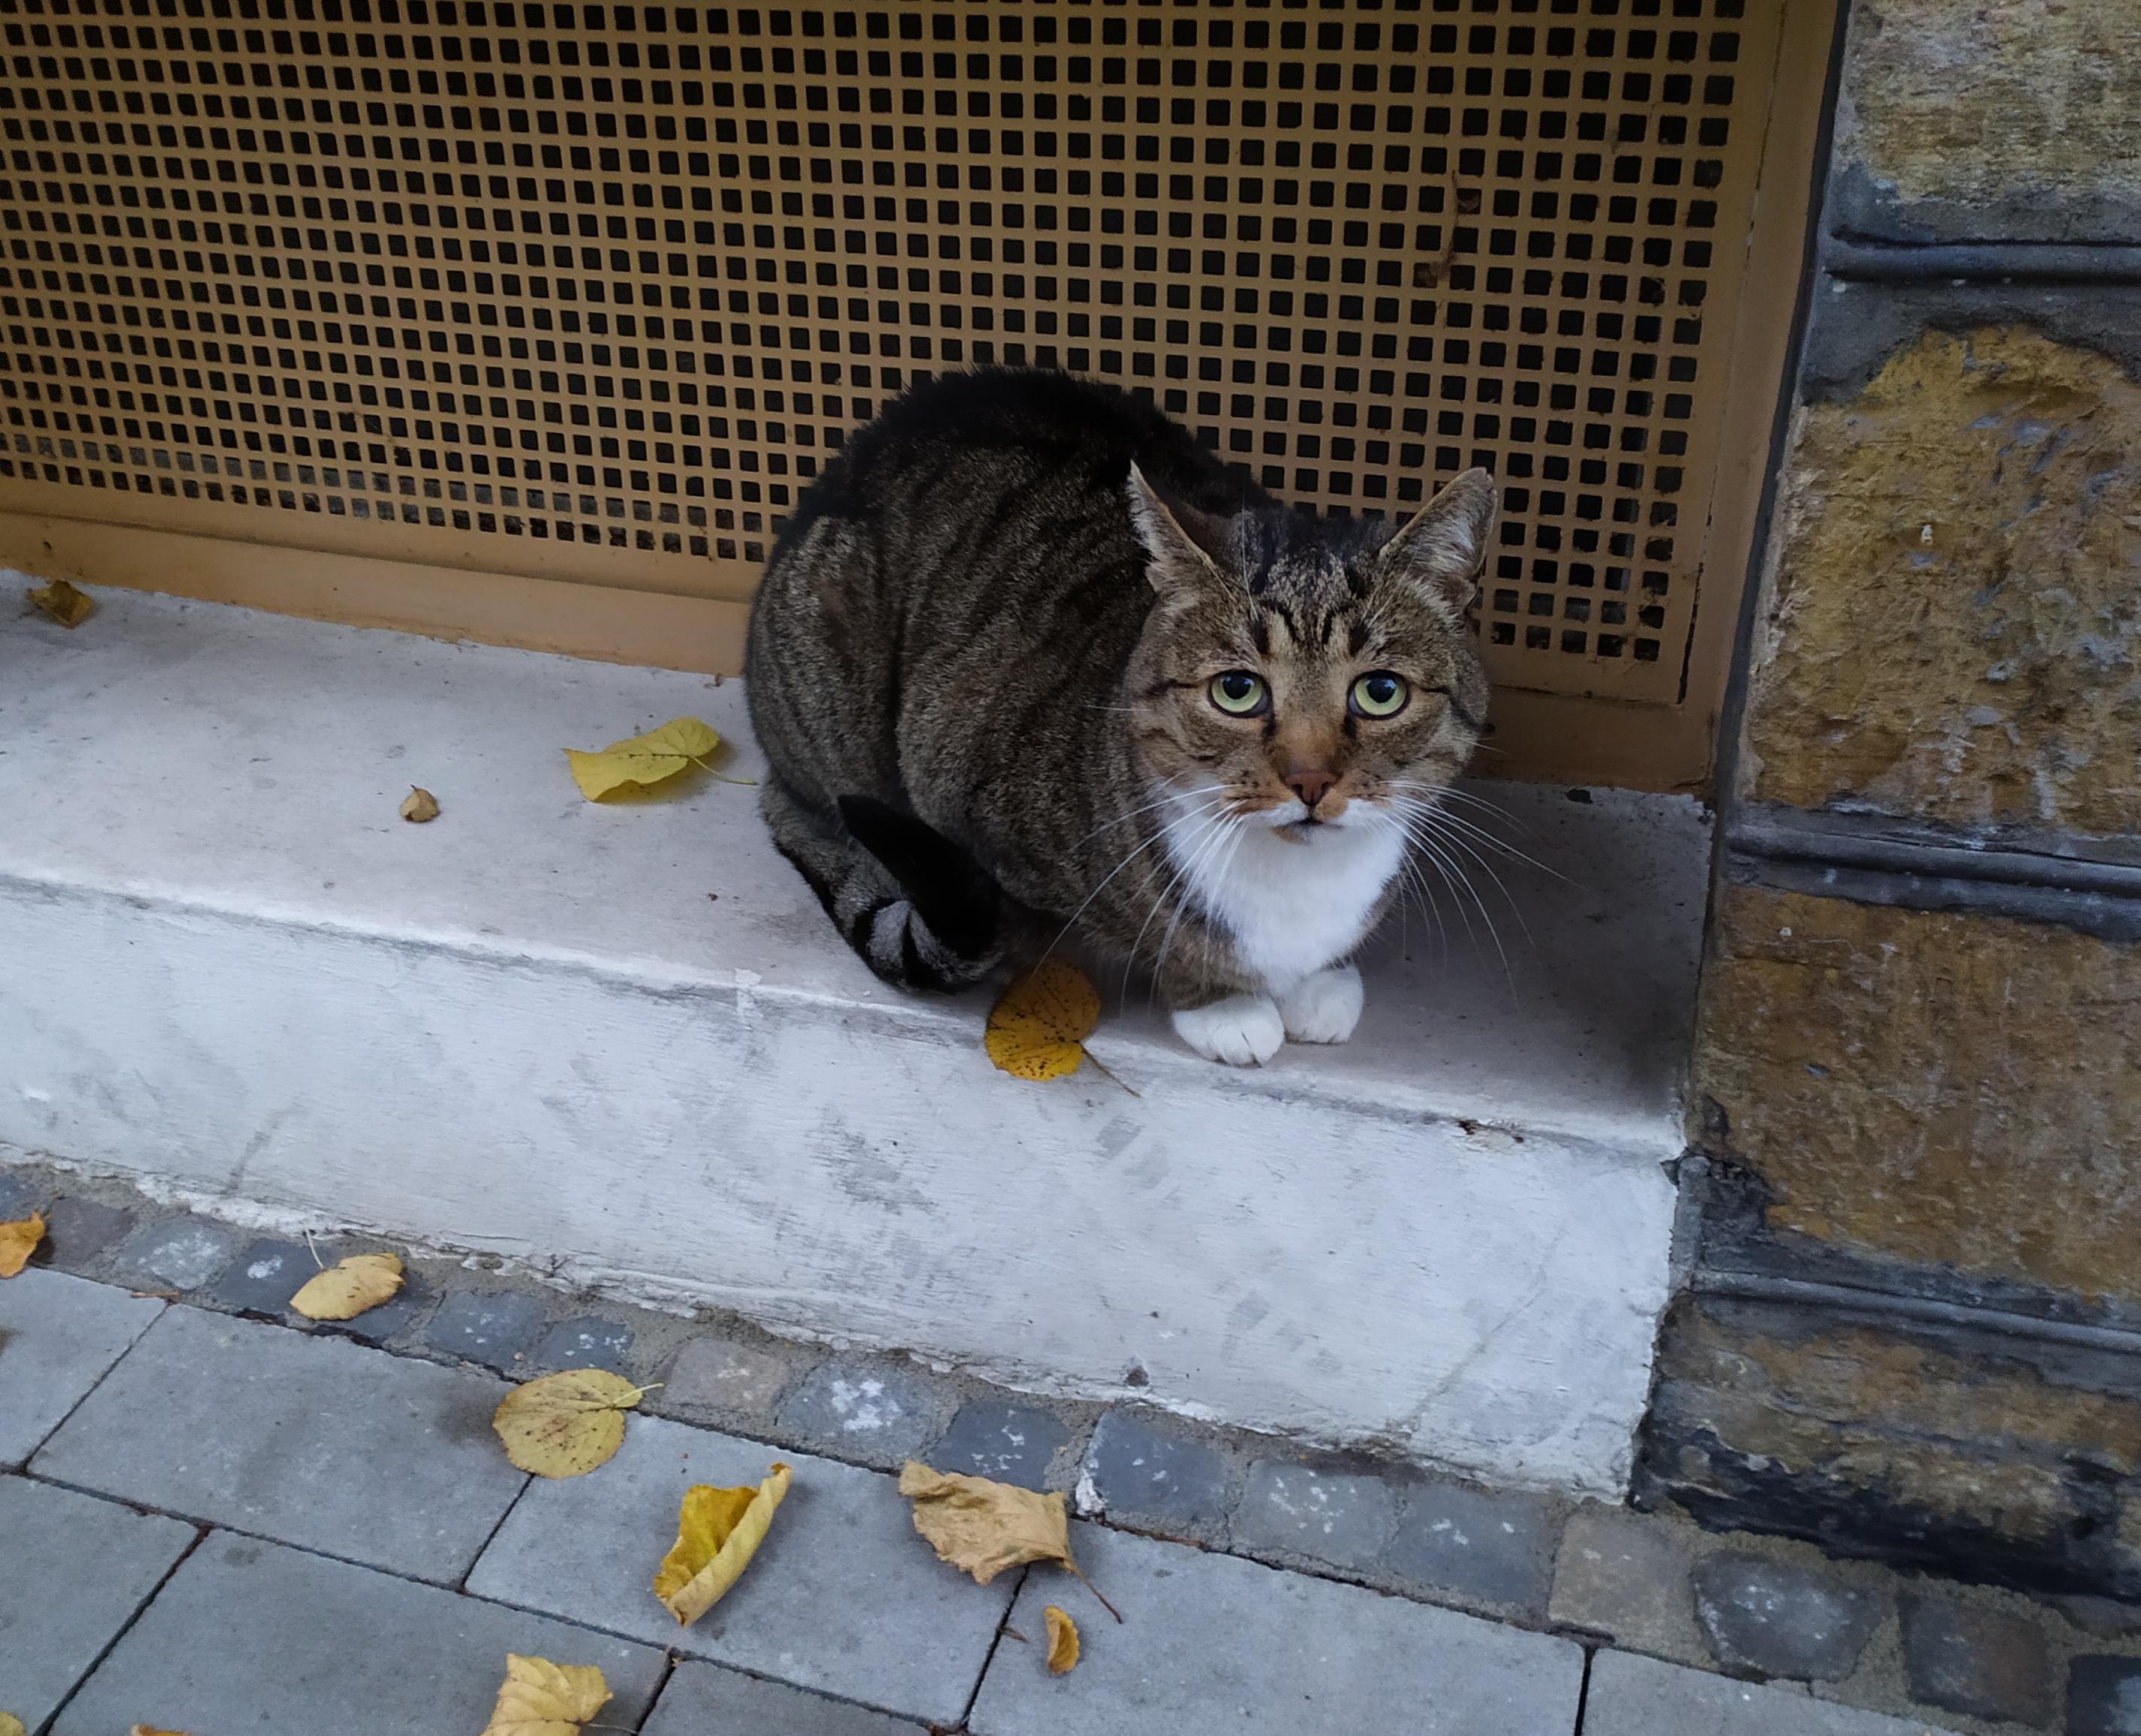 Pin By Saskya Jokinen On A Freekin Dorable Cat Having Kittens Cat Has Fleas Cats